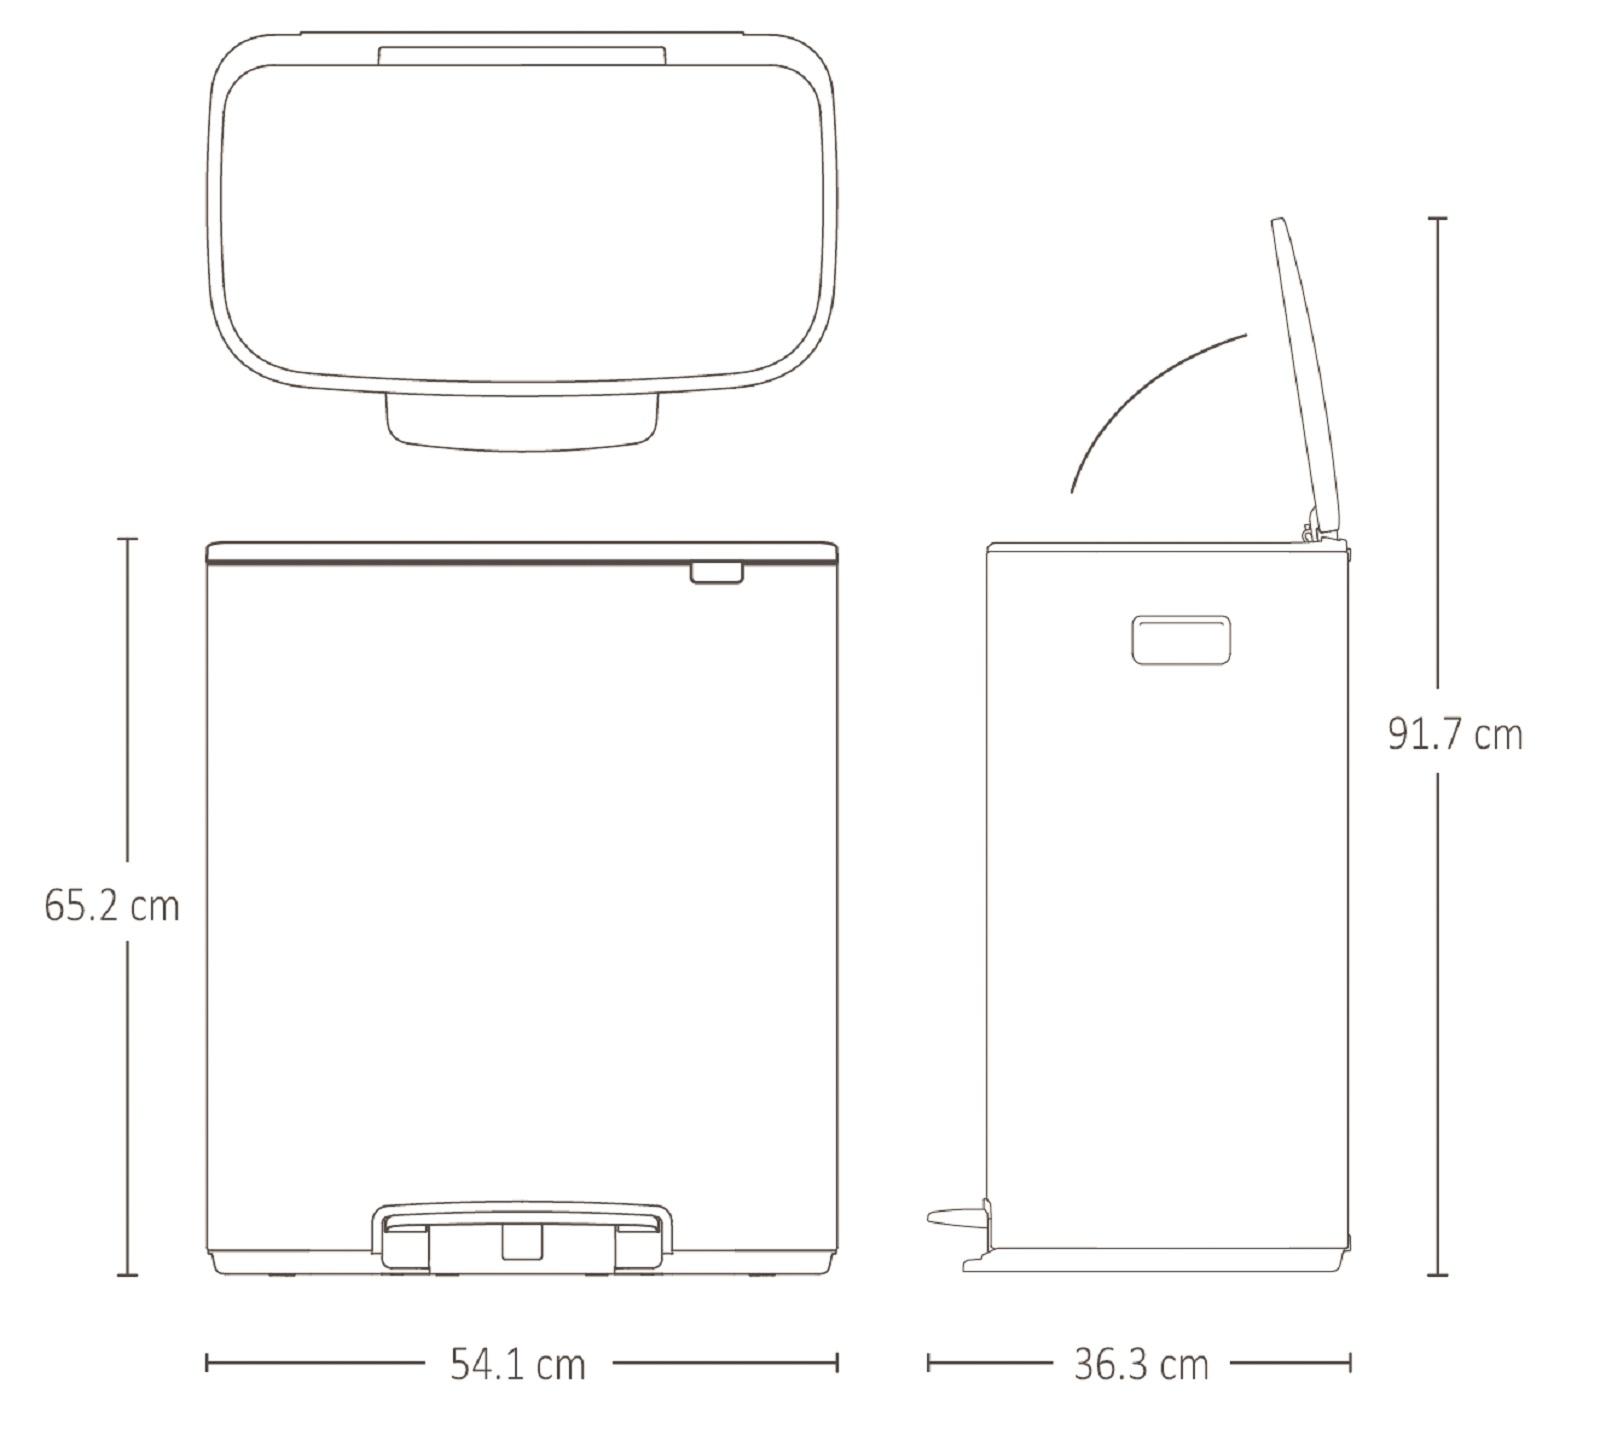 Бак для мусора с педалью BO PEDAL BIN Brabantia, объем 60 л, белый Brabantia 211300 фото 15